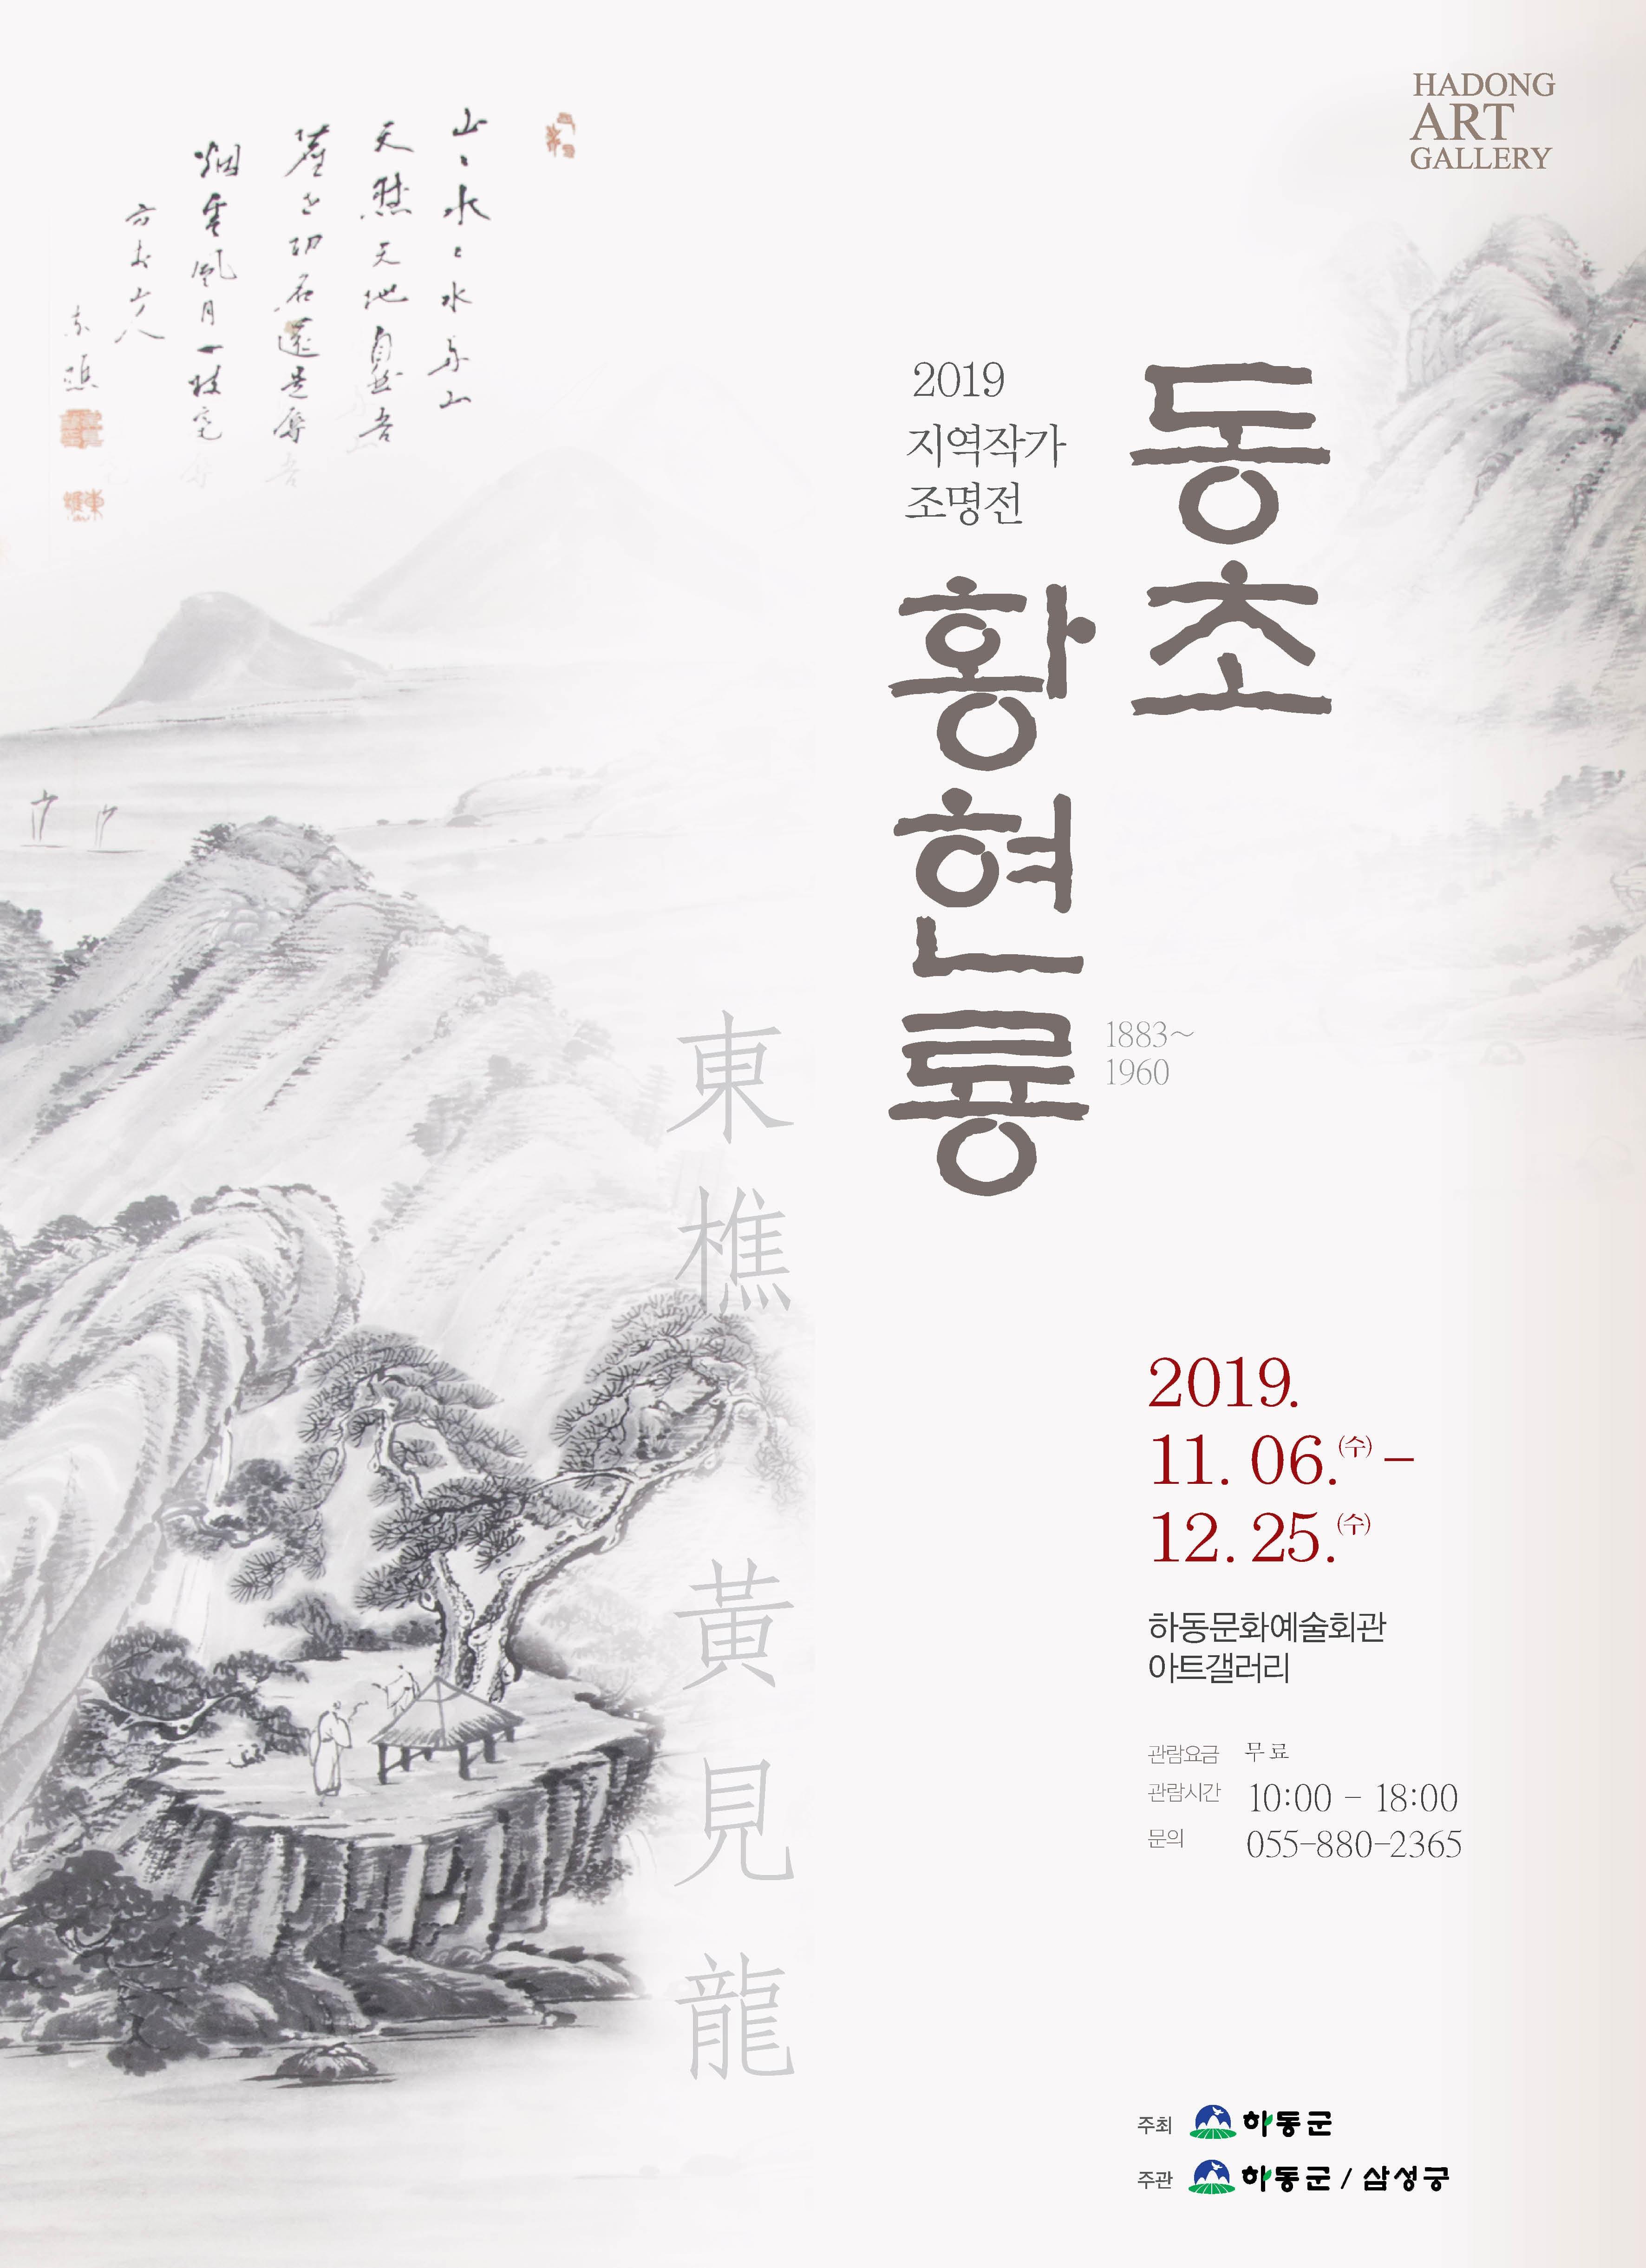 2019지역작가조명전_동초 황현룡展